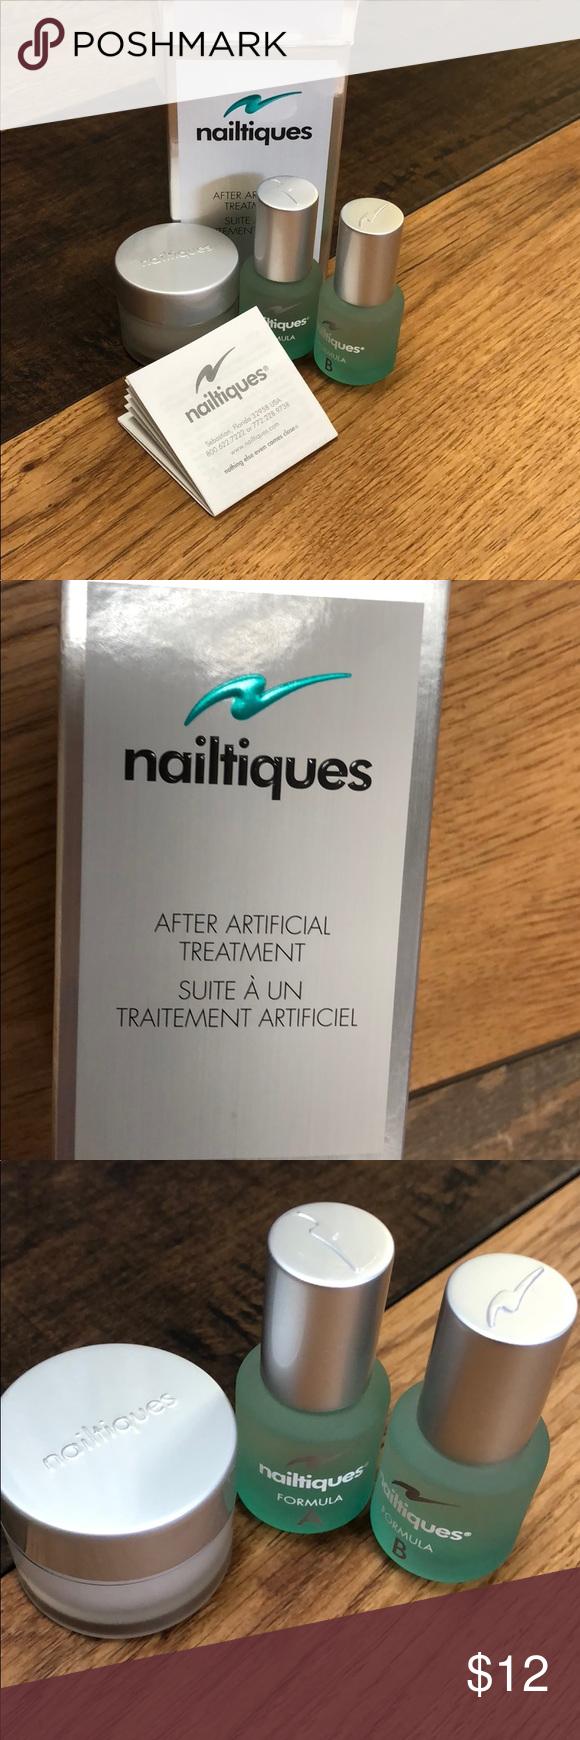 Nailtiques nail repair kit NWT | My Posh Closet | Pinterest | Nails ...